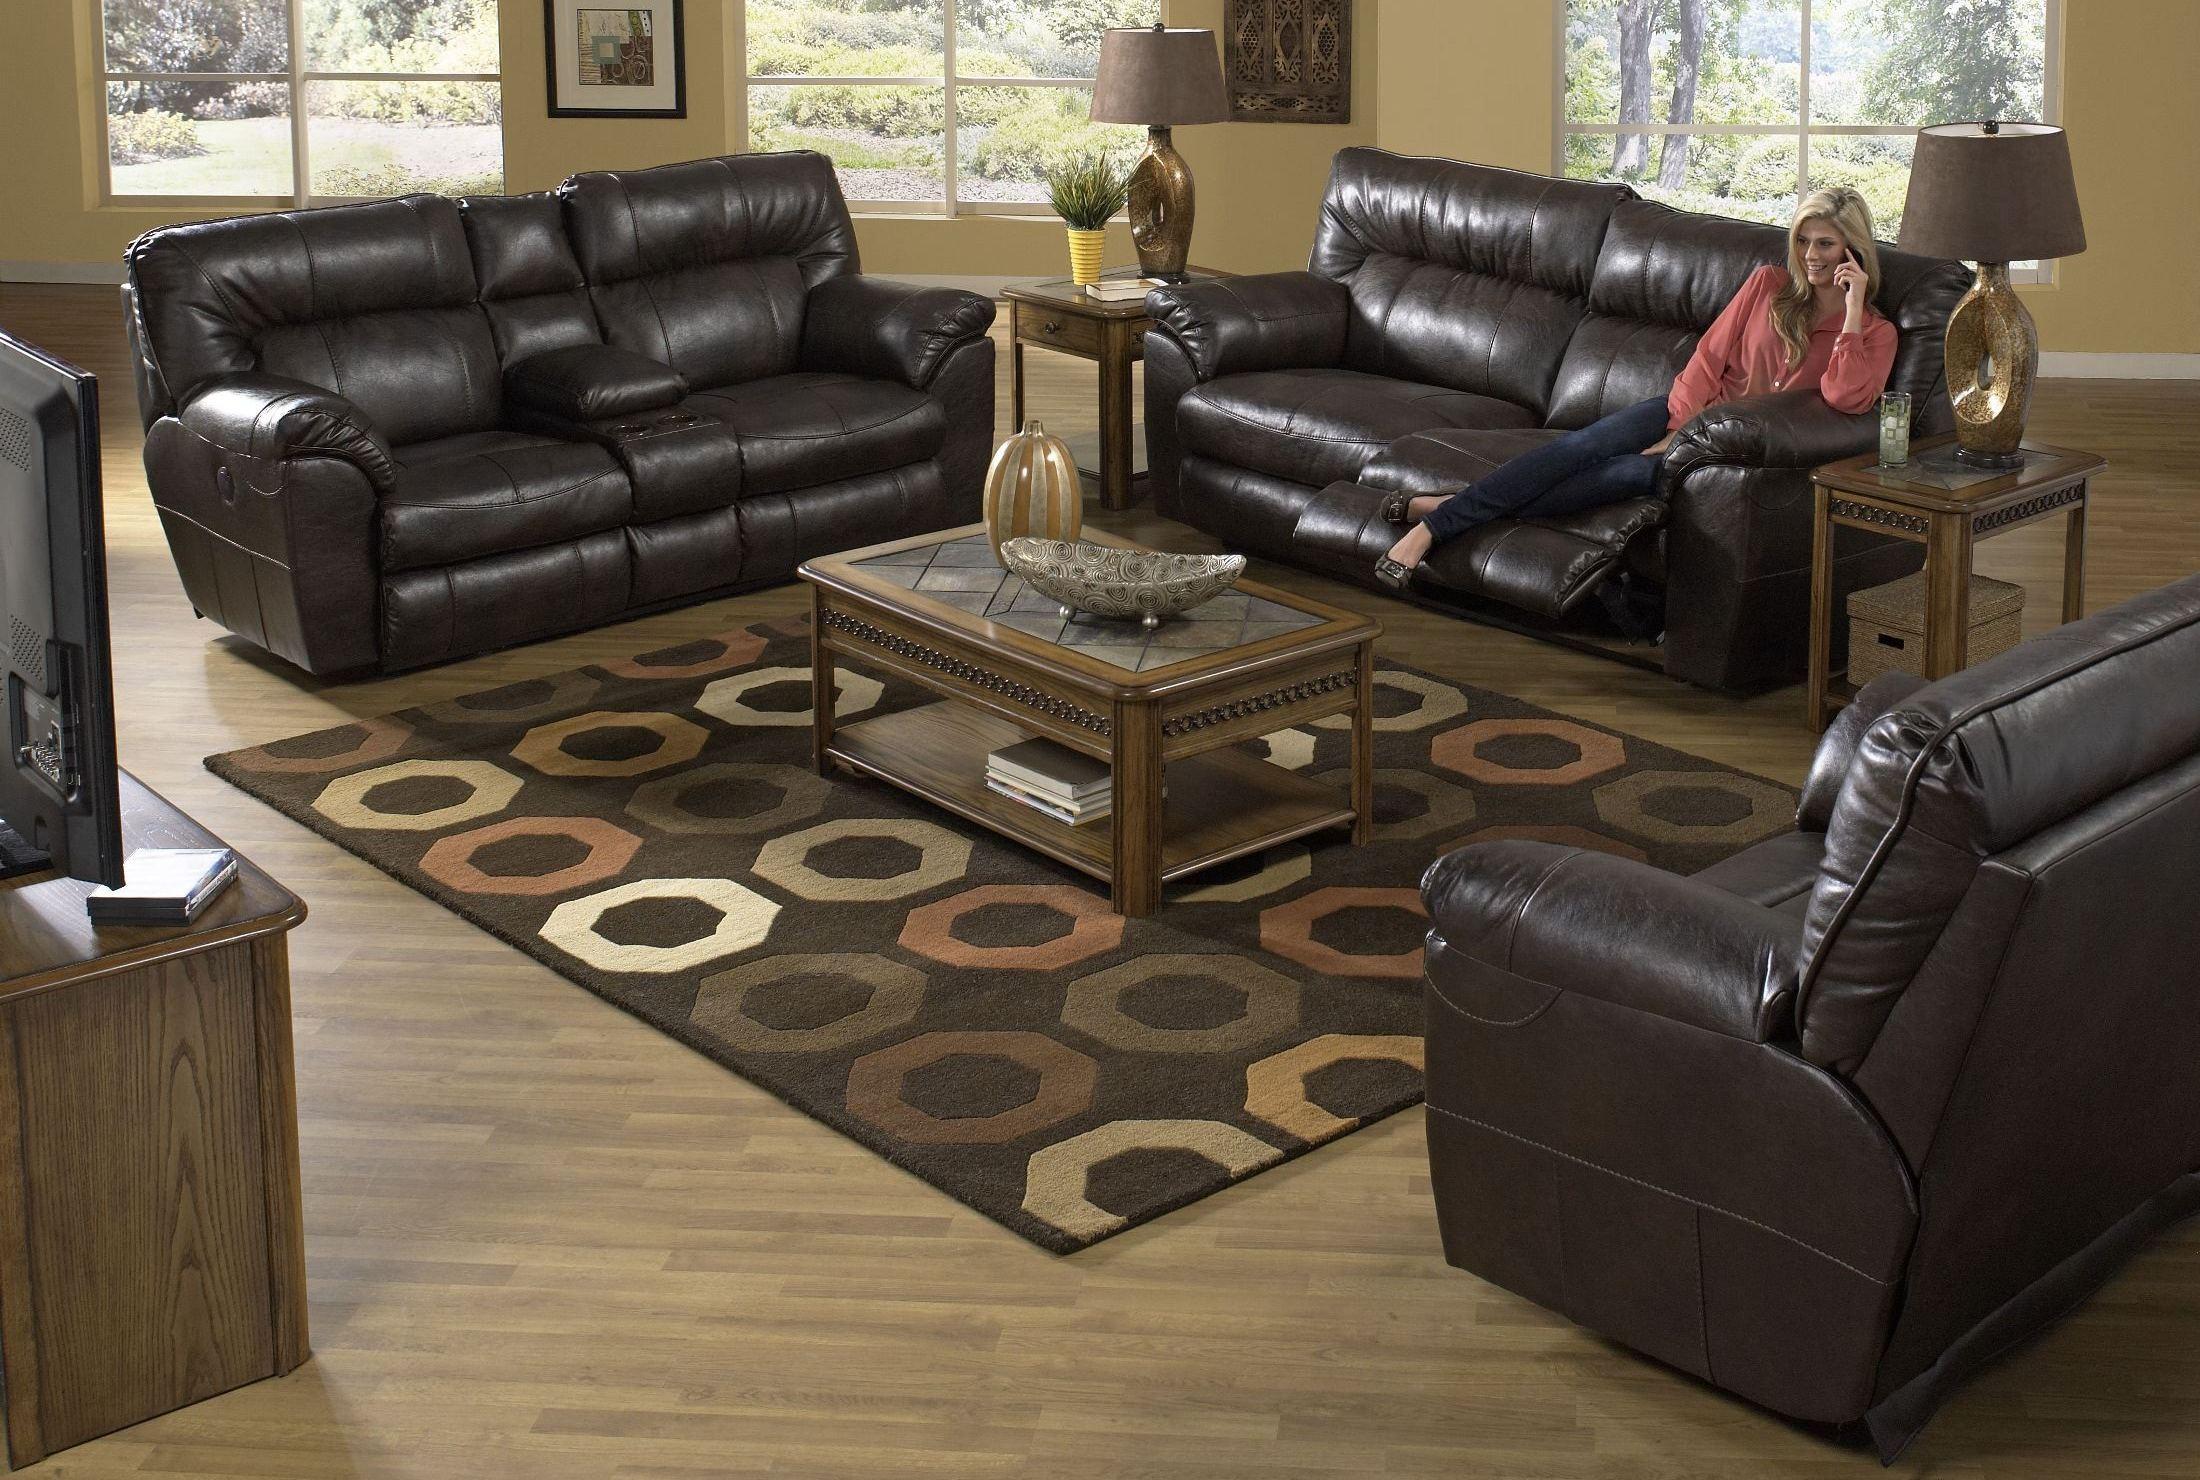 catnapper reclining sofa nolan designs wooden godiva living room set from